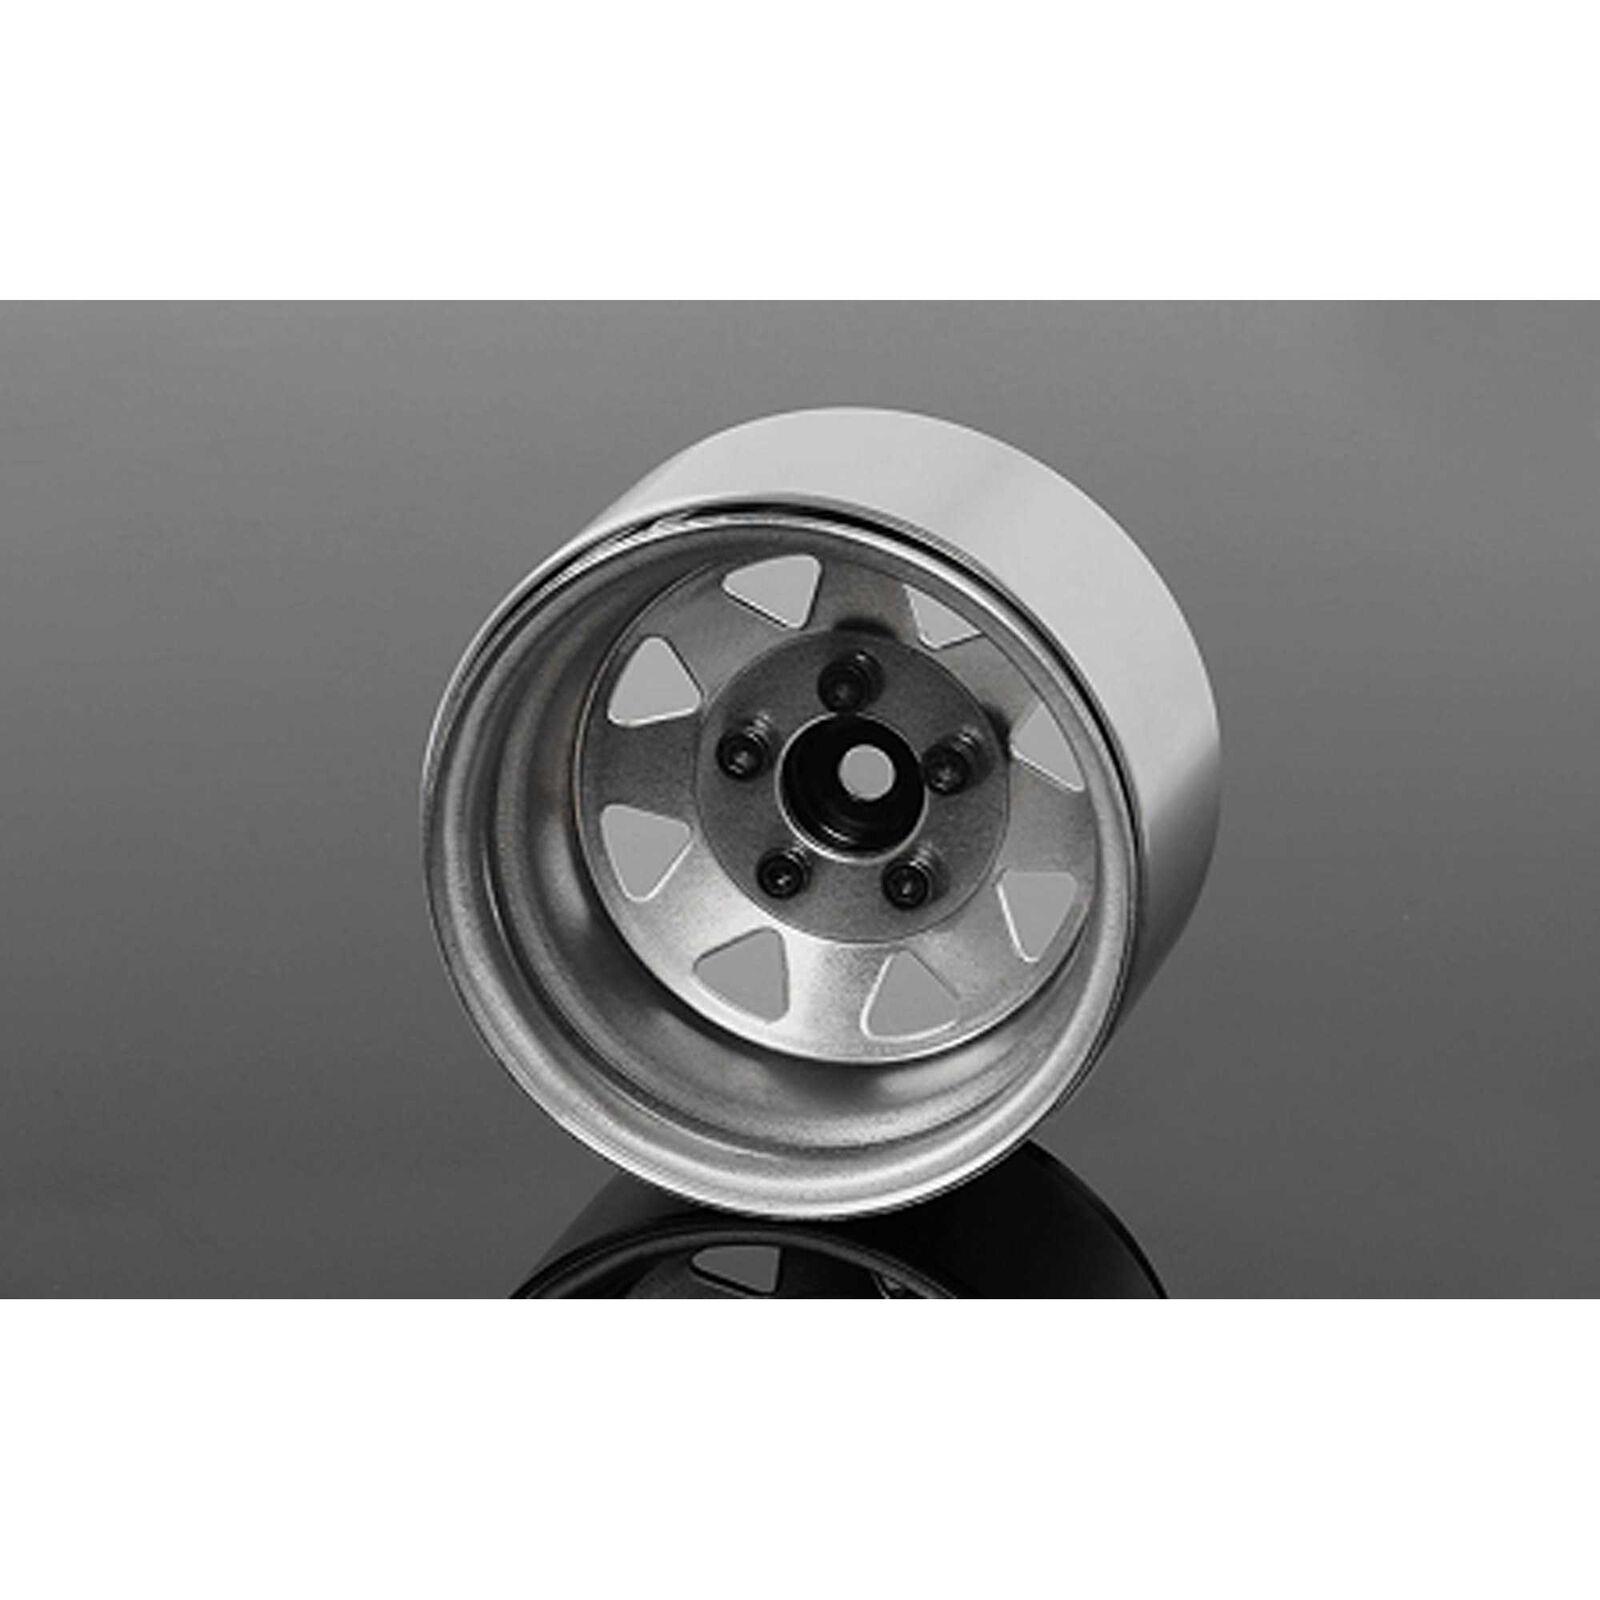 """5 Lug Deep Dish Wagon 1.9"""" Steel Beadlock Wheels (4)"""